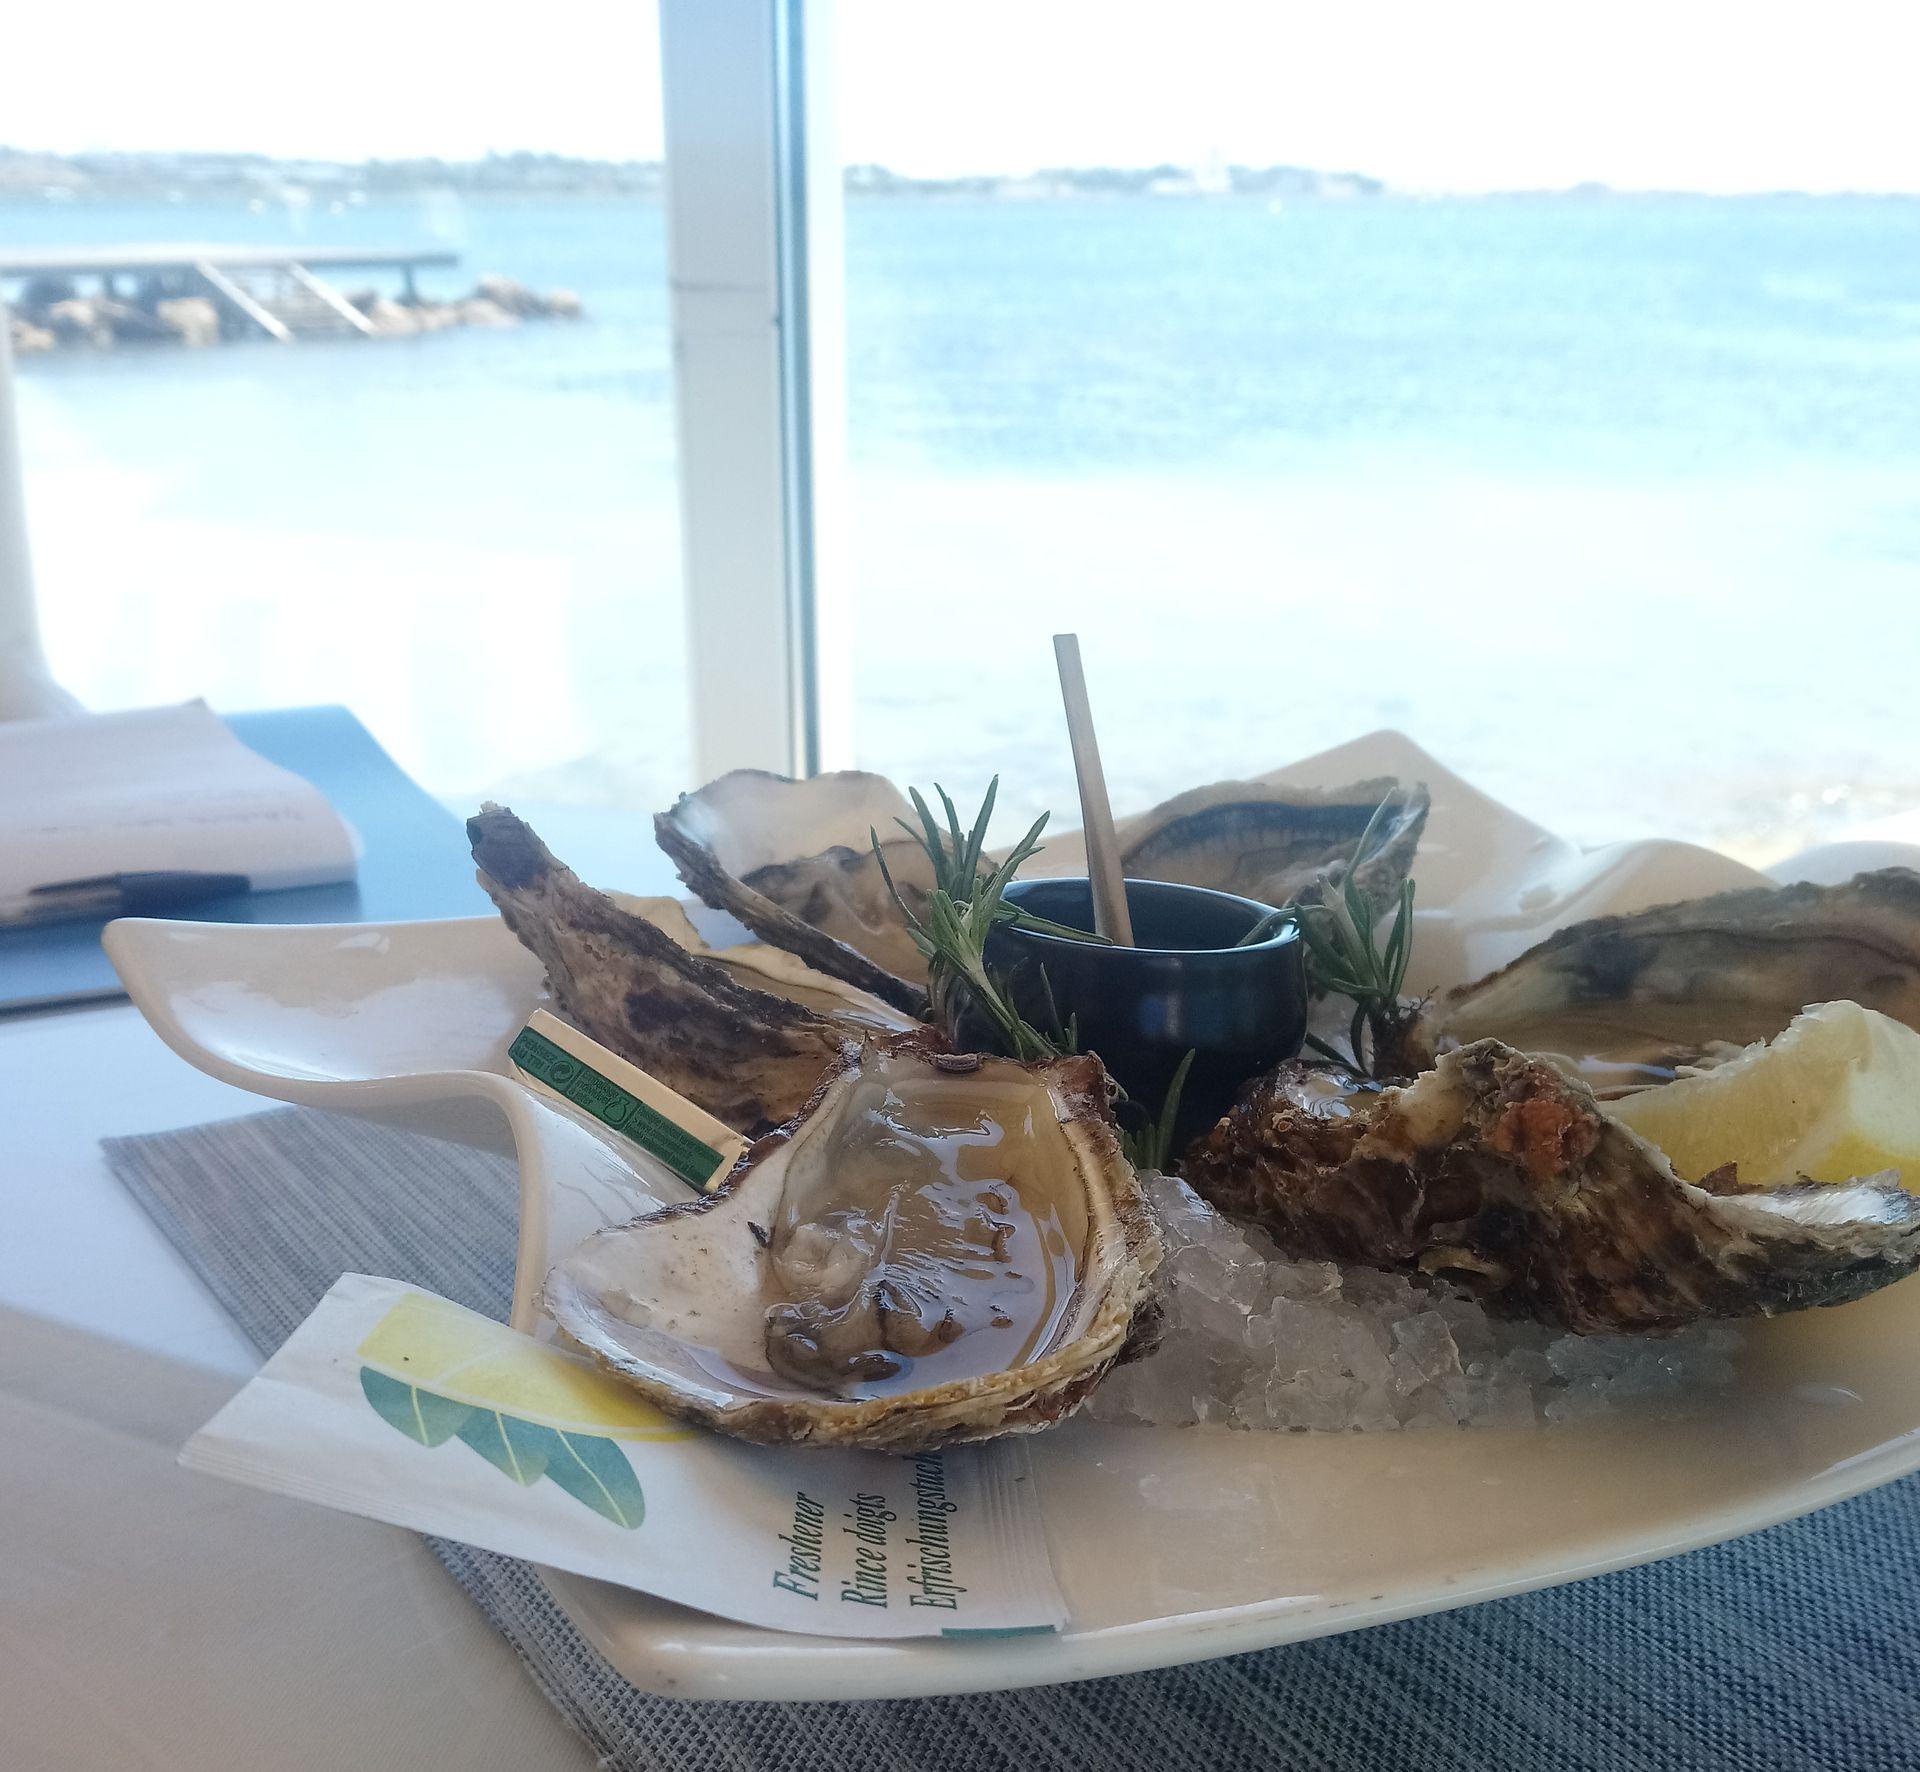 Assiette d'huîtres de Bouzigues au restaurant le Grand Large avec l'étang de Thau en arrière-plan derrières les baies vitrées